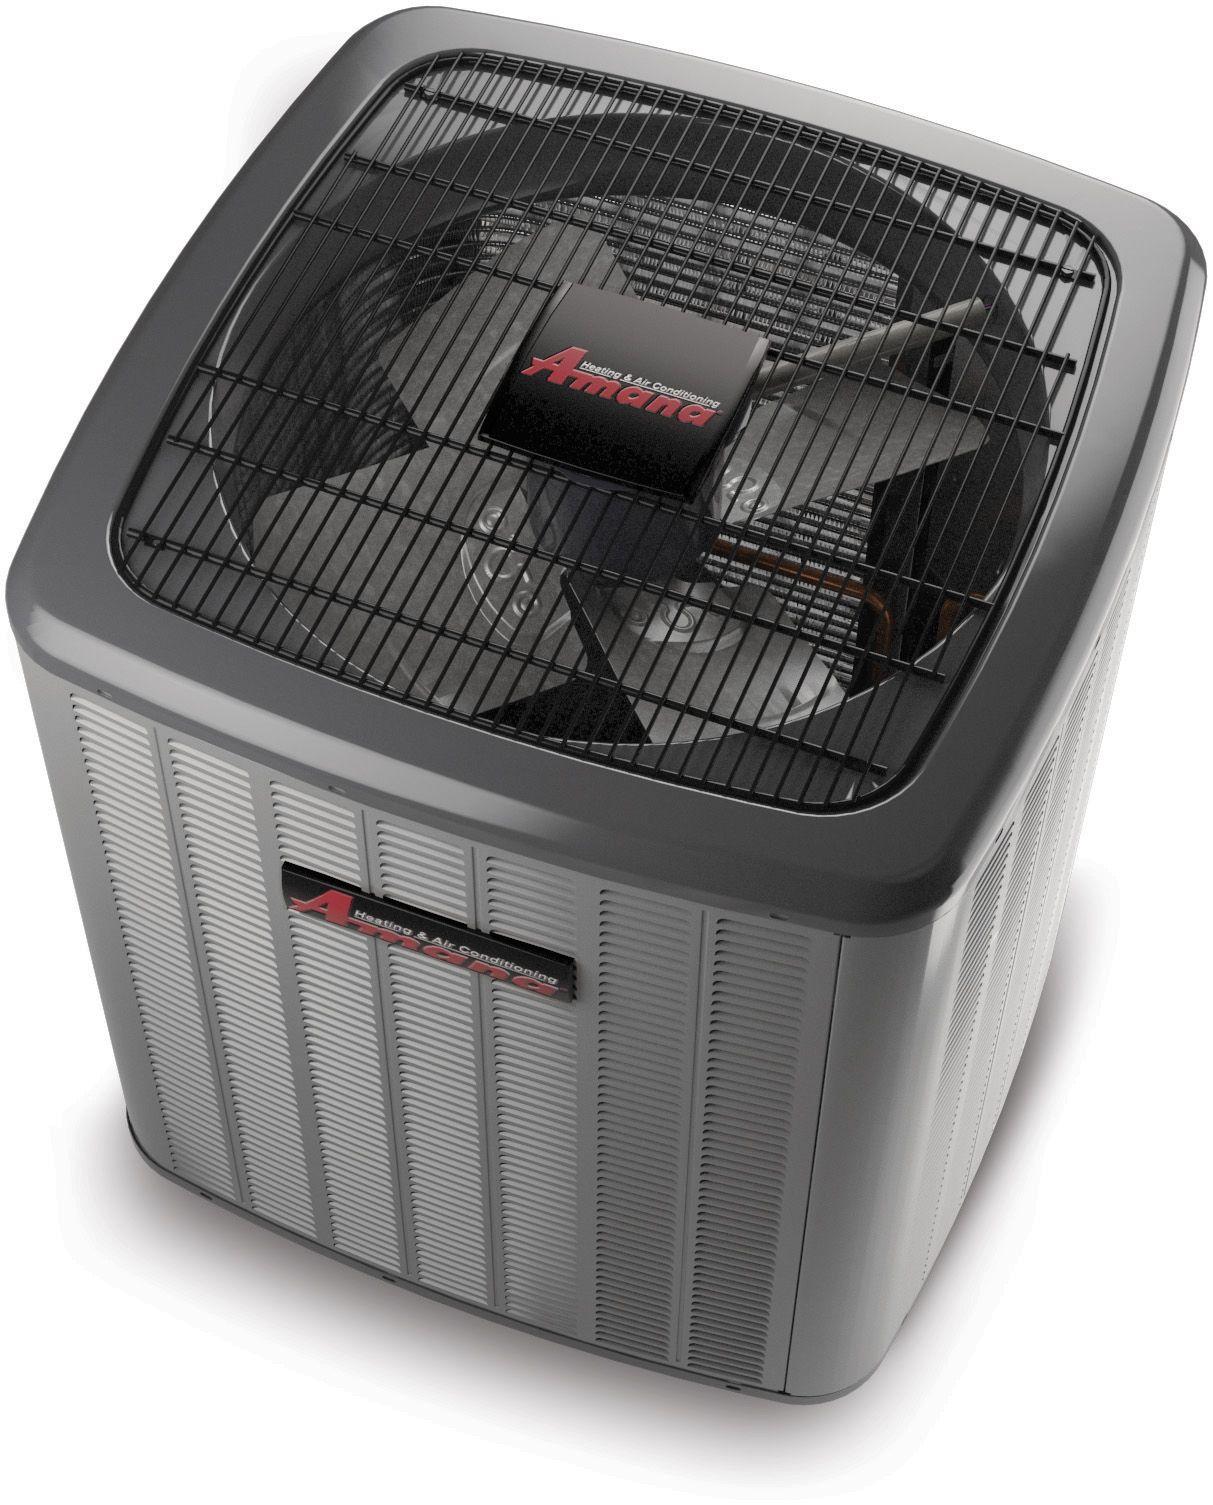 Amana Asx Series Air Conditioner 2 Ton 13 Seer R410a